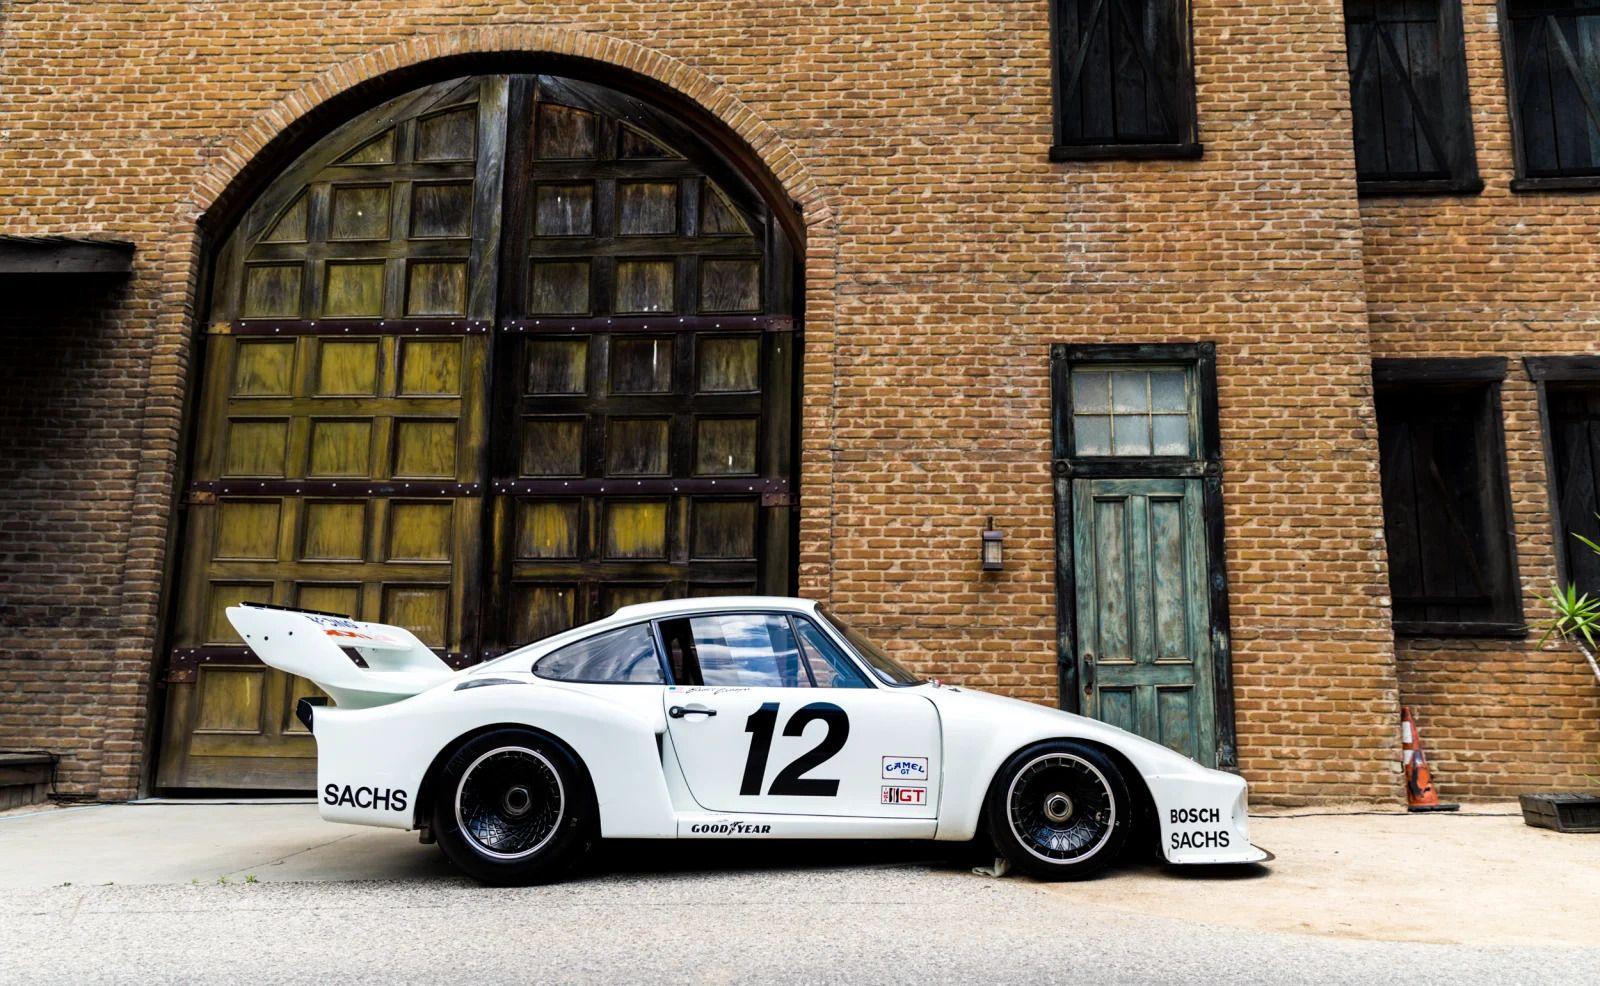 Luftgekühlt: якщо існує рай для фанатів Porsche, то це він